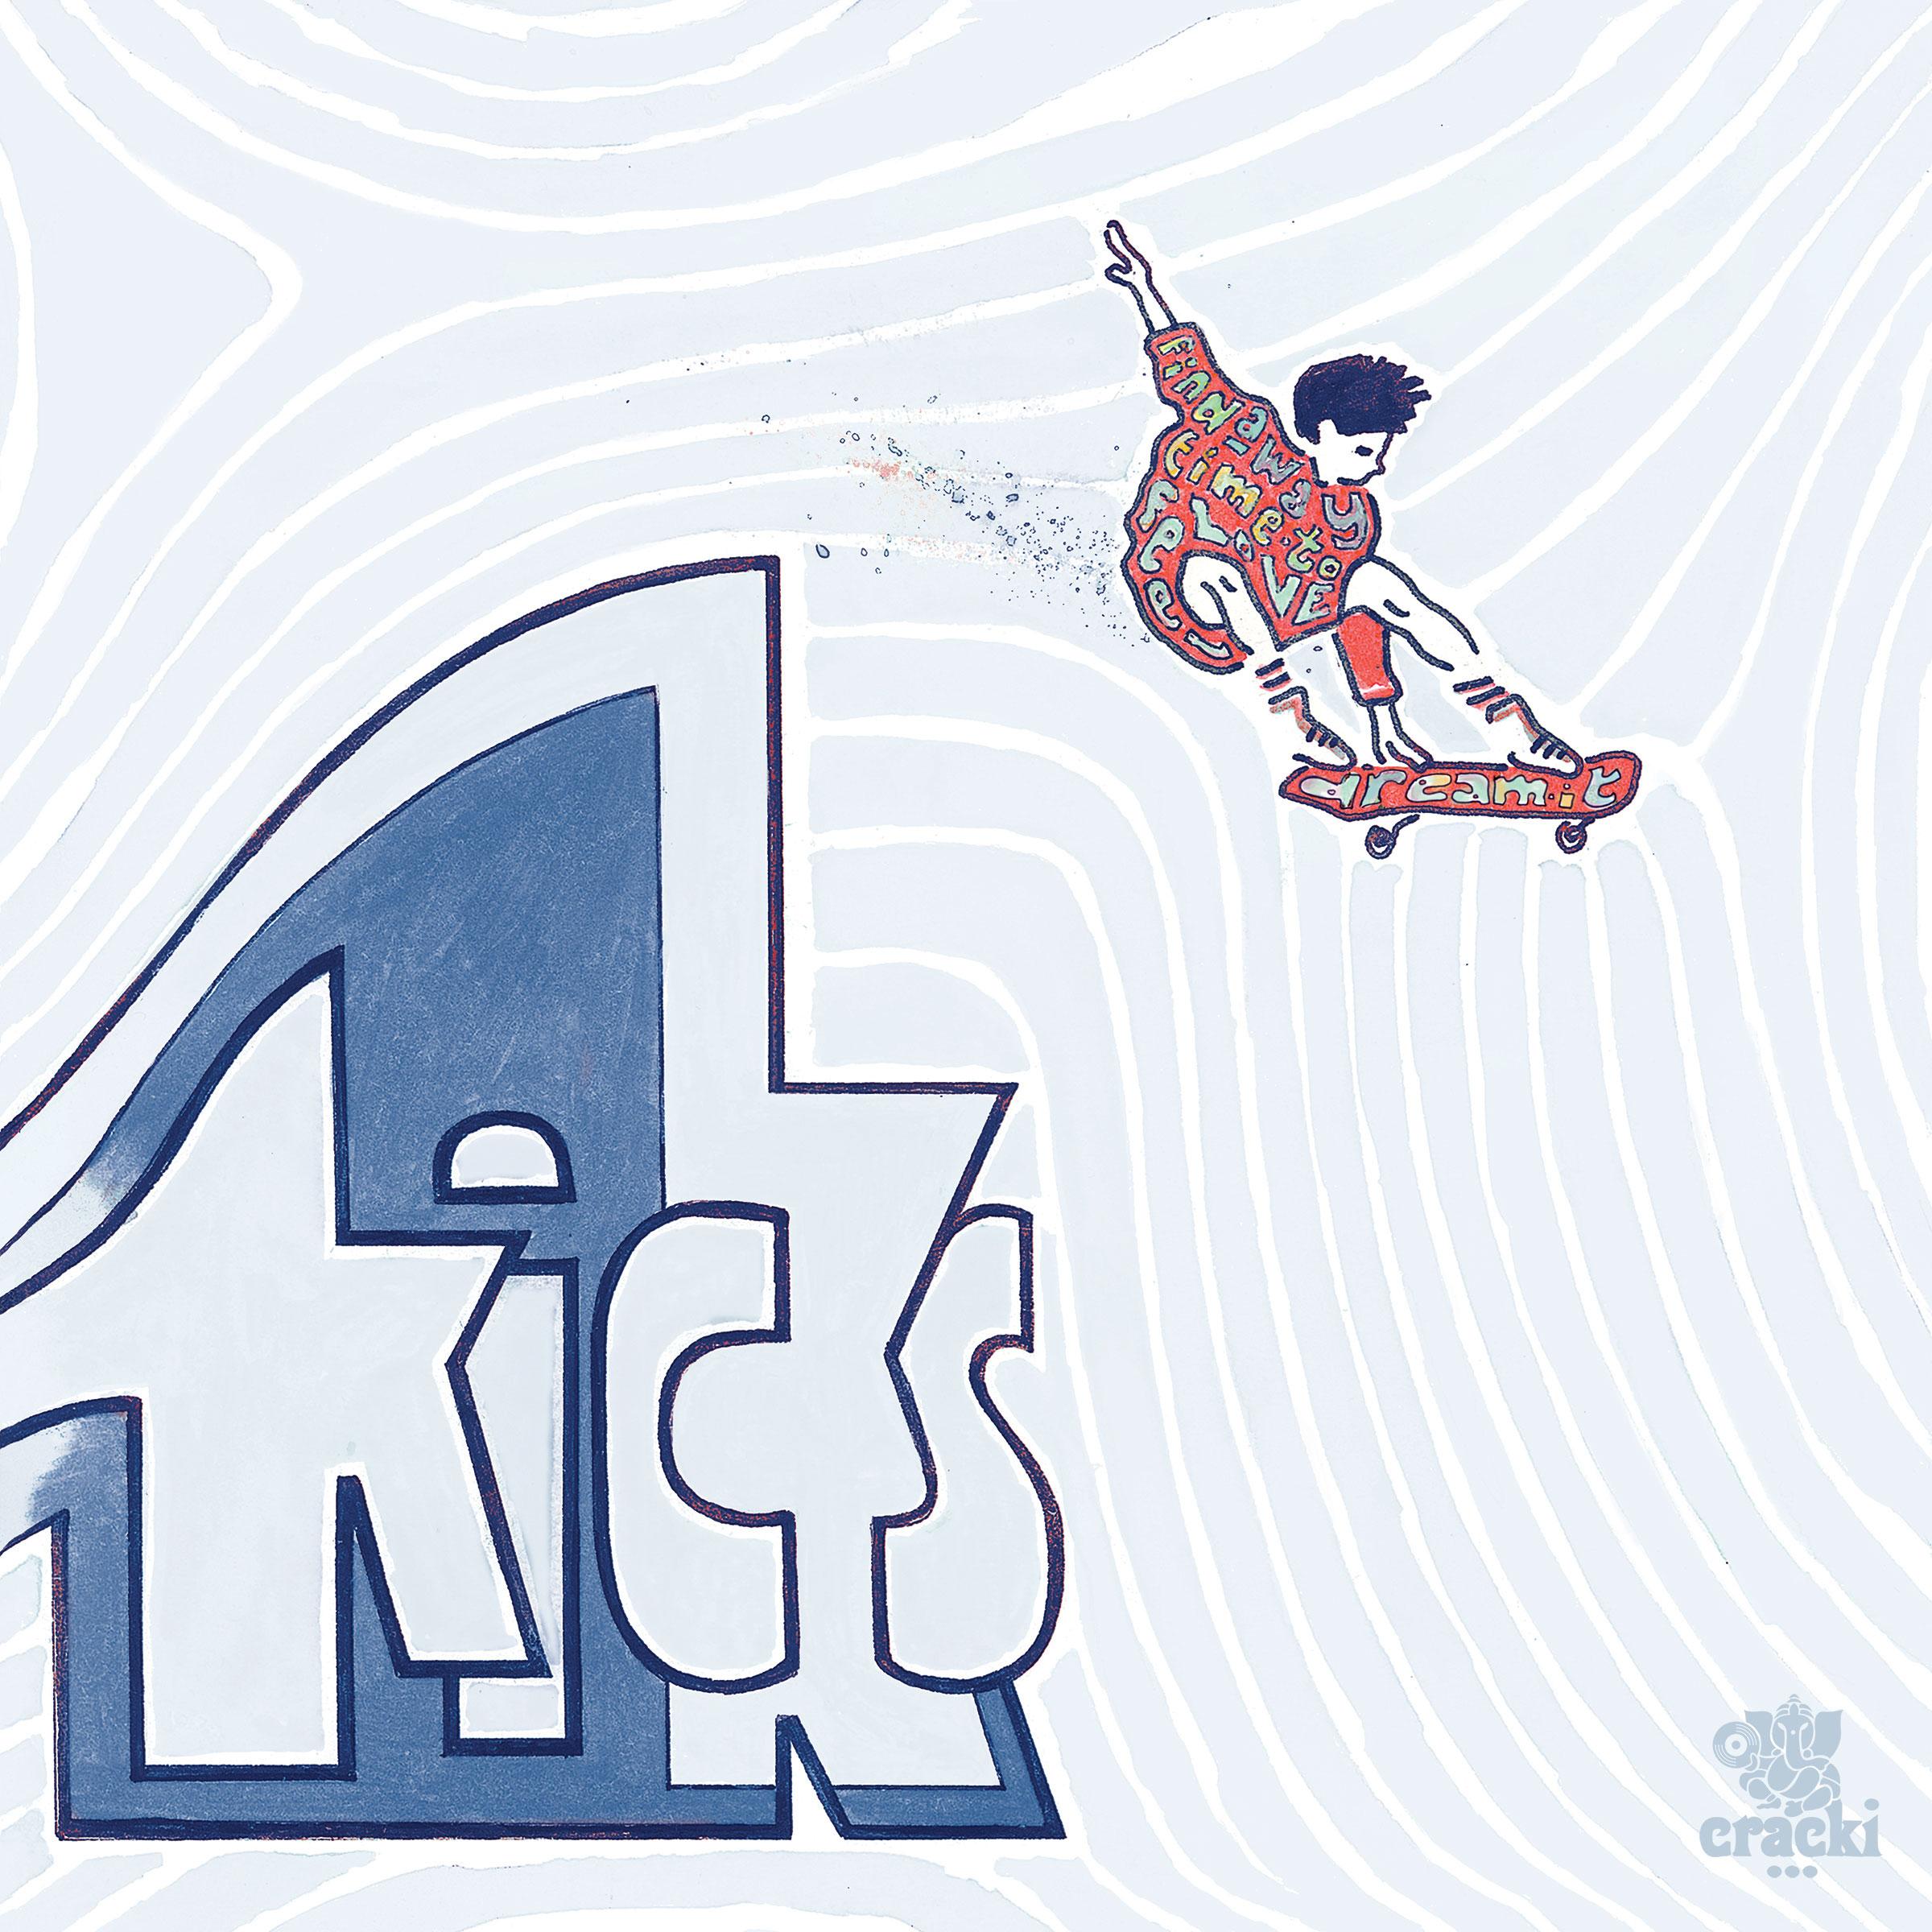 2400_kicksweb